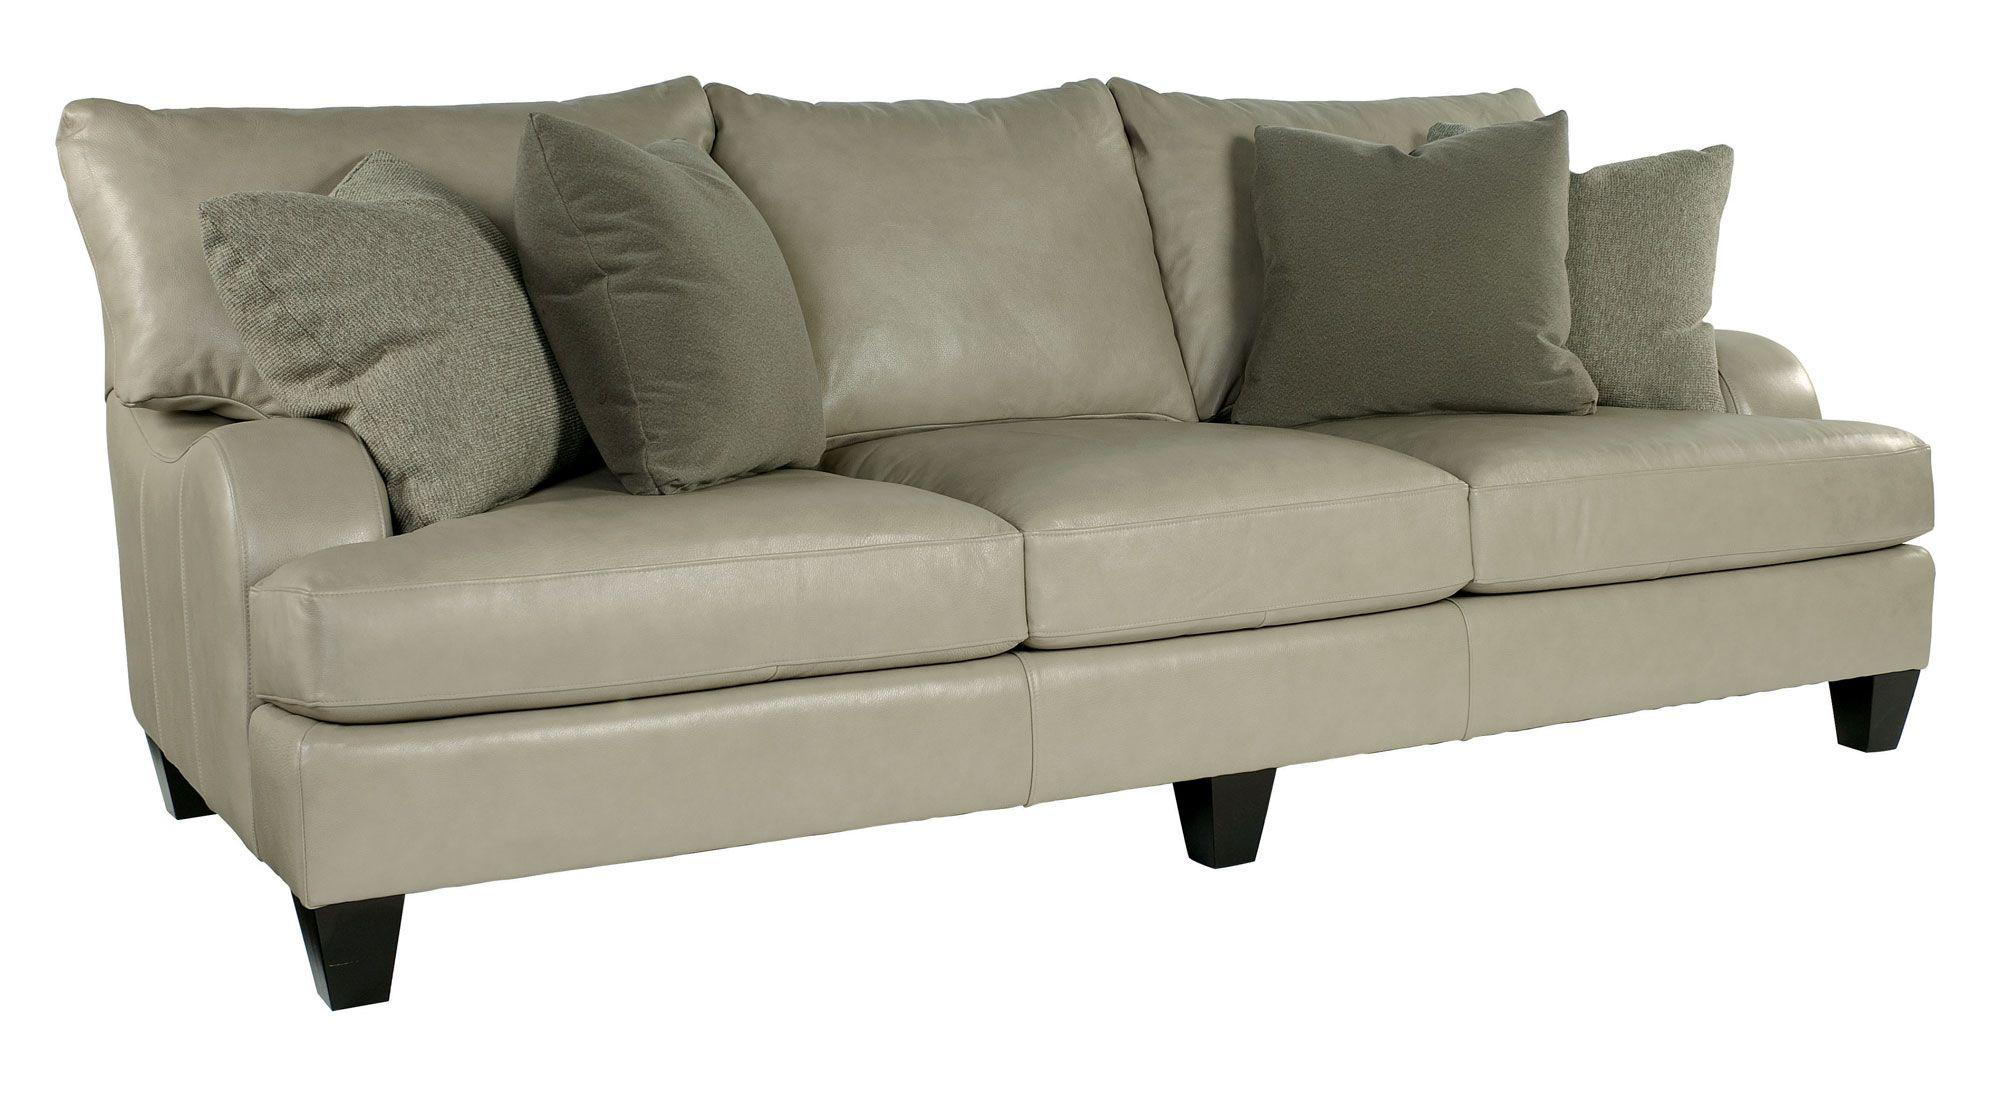 Sofa 6397l New Furniture